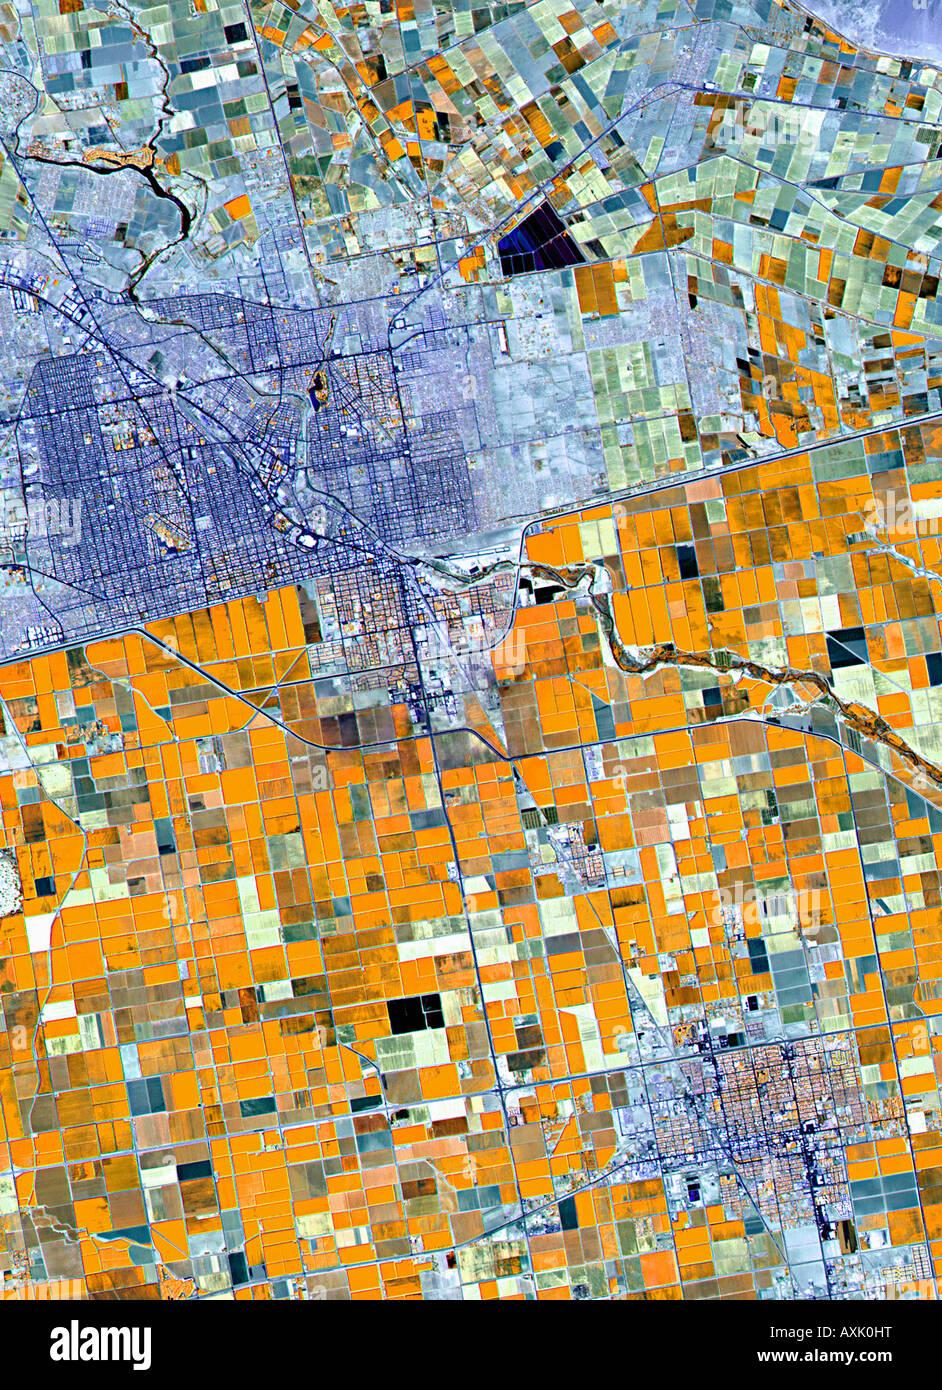 Immagine satellitare dei terreni agricoli in Germania Foto Stock